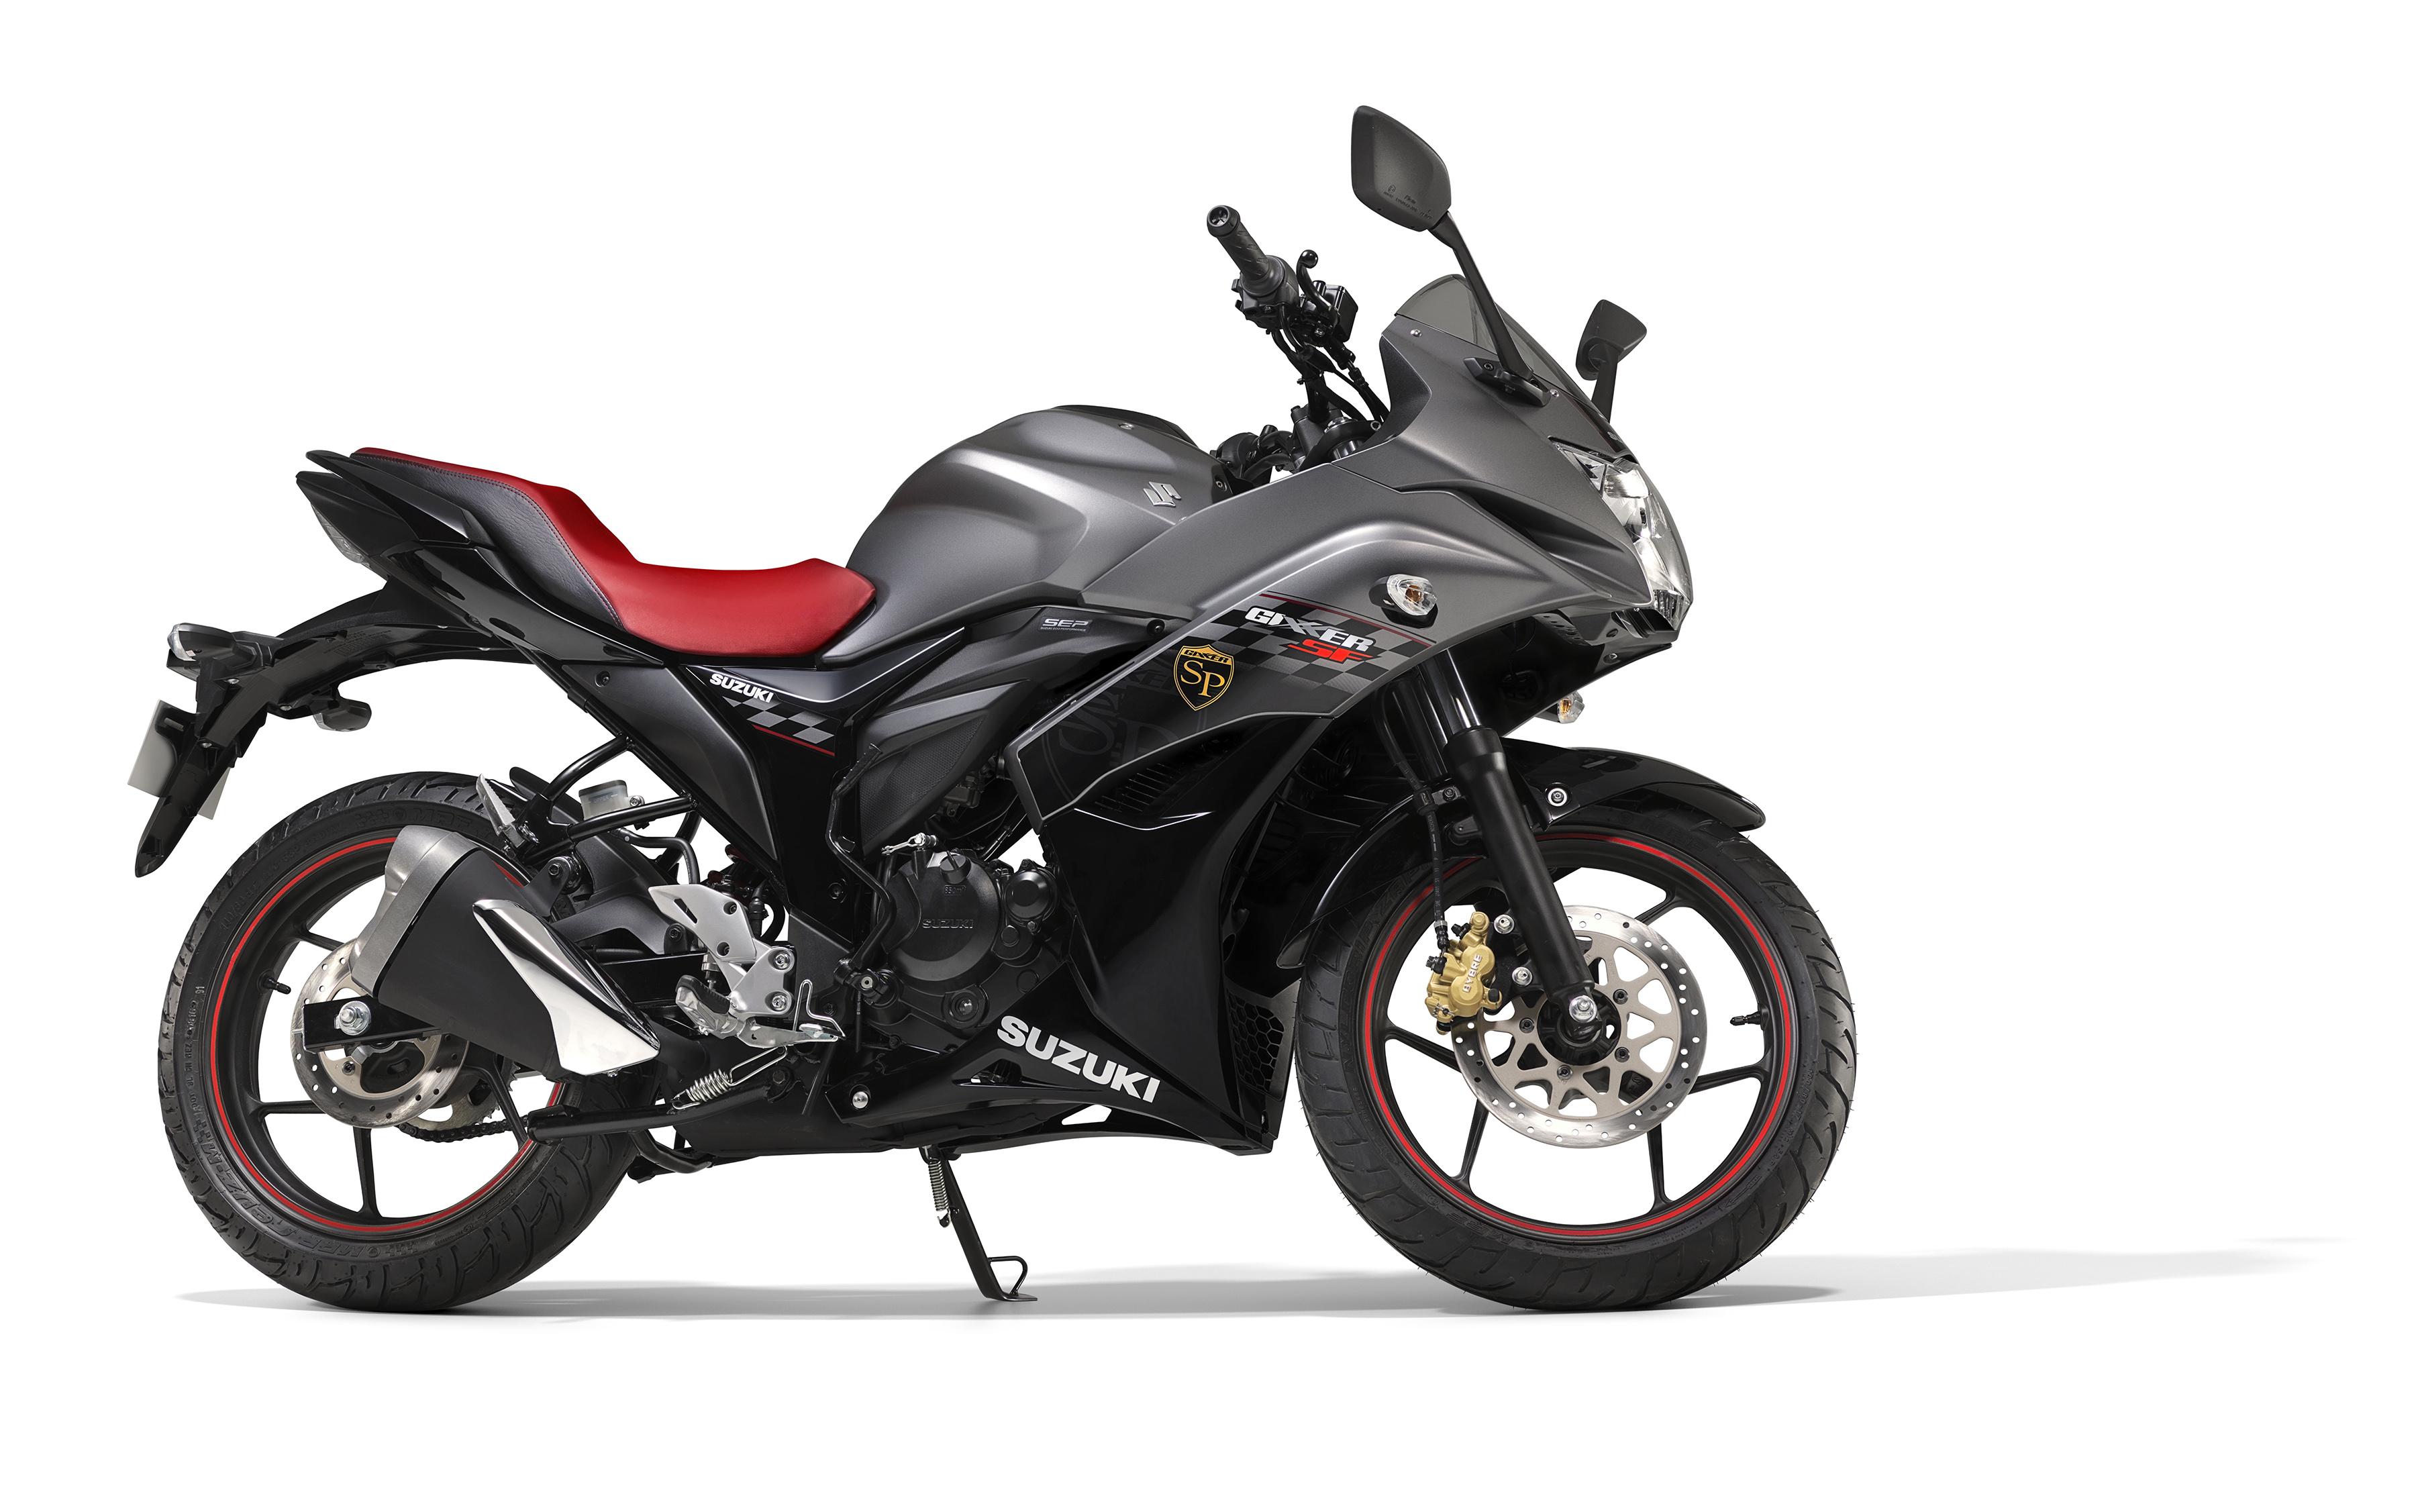 Suzuki Gixxer Sp And Gixxer Sf Sp Special Edition Debuts